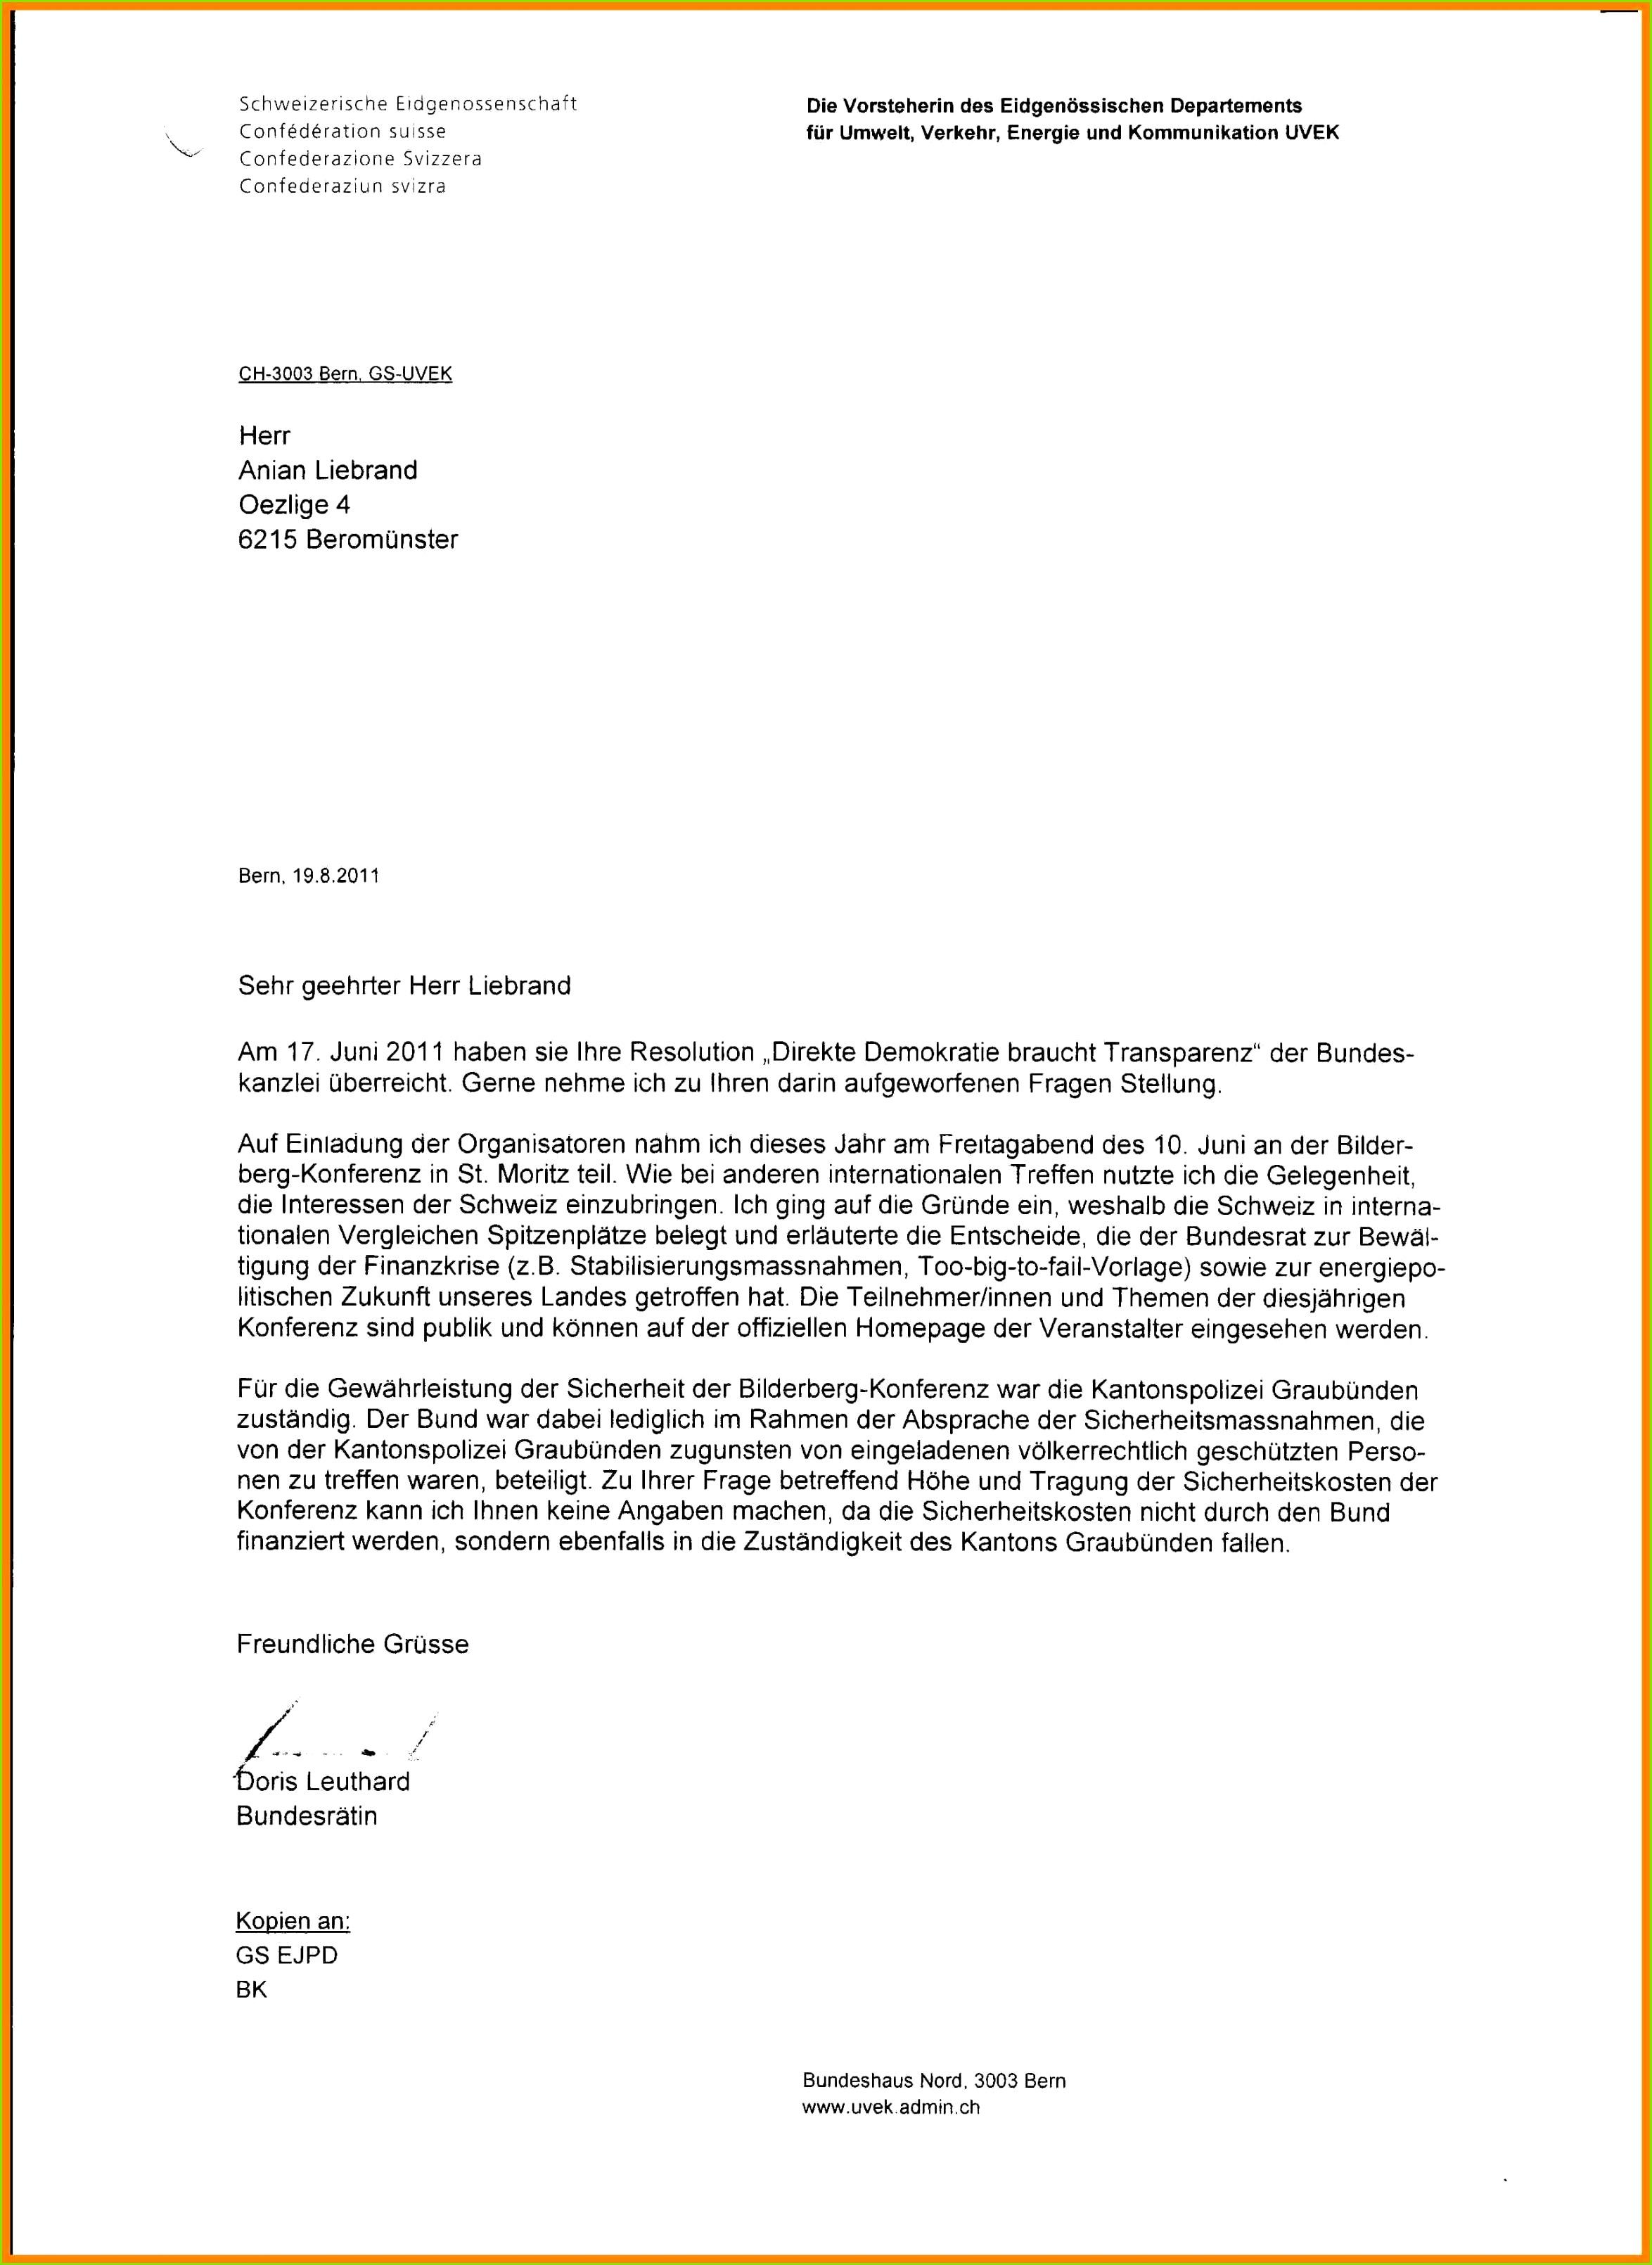 Brief Schreiben Vorlage Cool 12 Briefform Vorlage – Energyvision